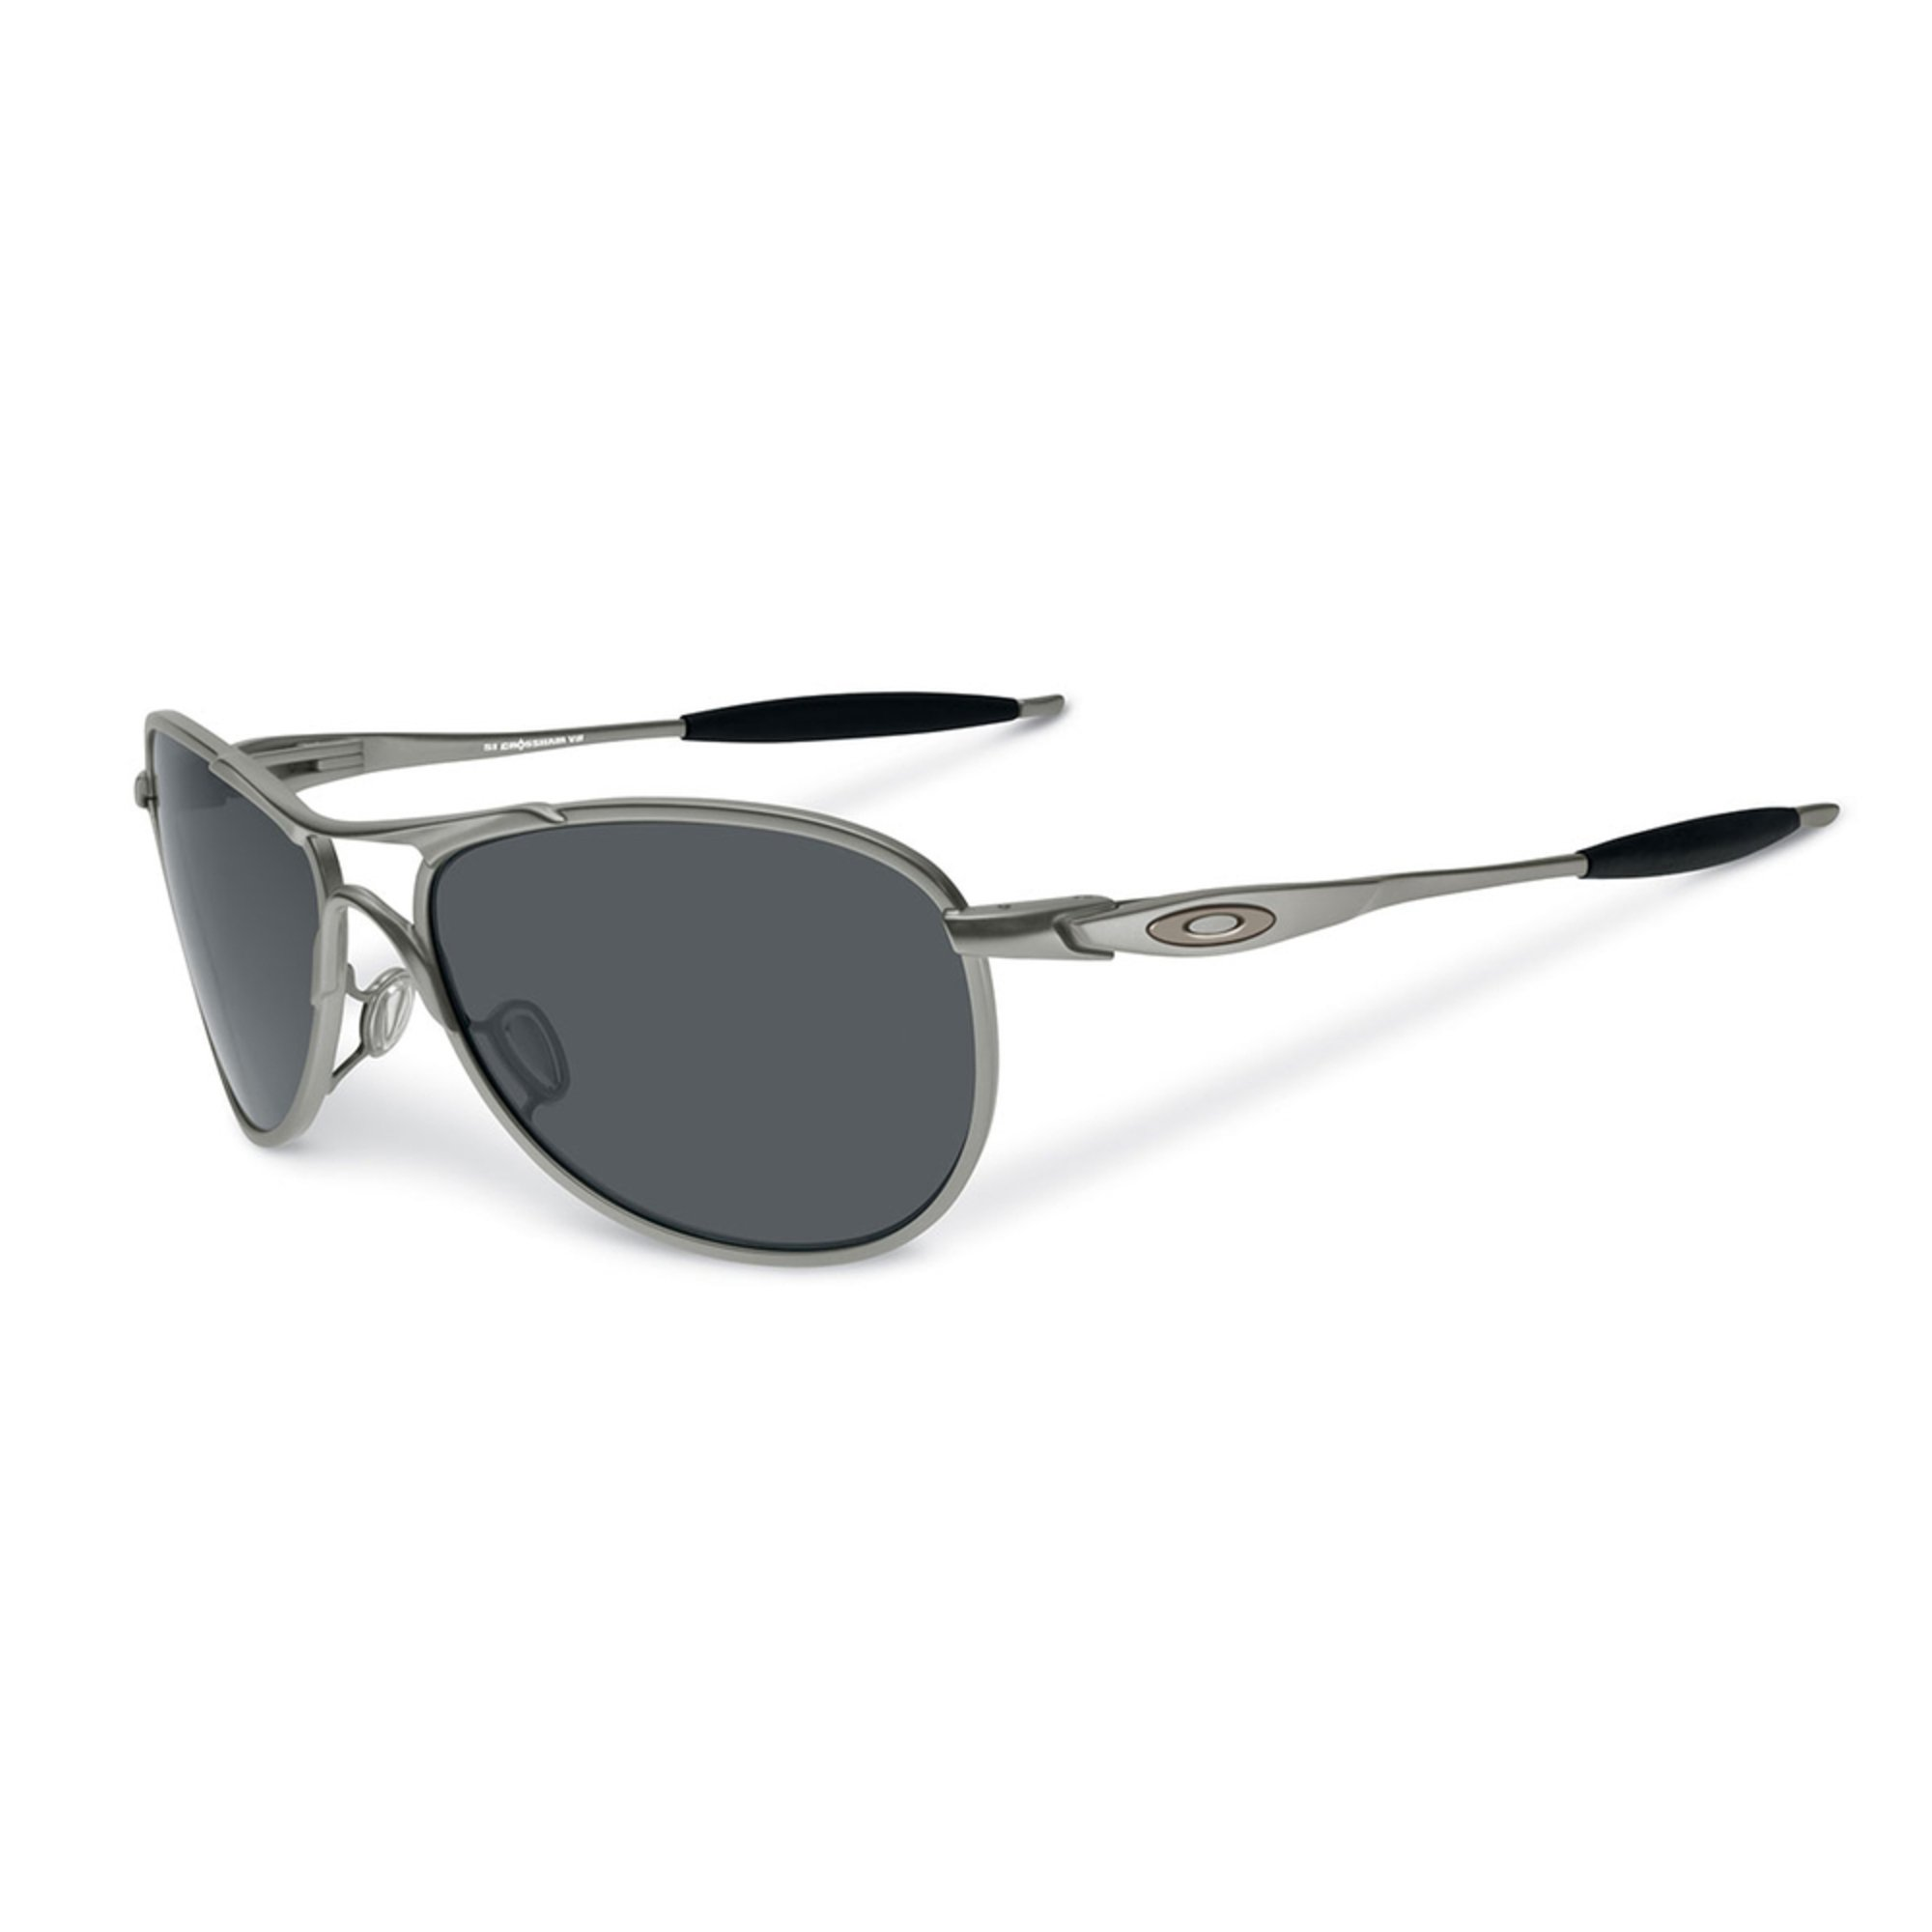 77b69d830a Oakley Men s Standard Issue Ball Crosshair Sunglasses